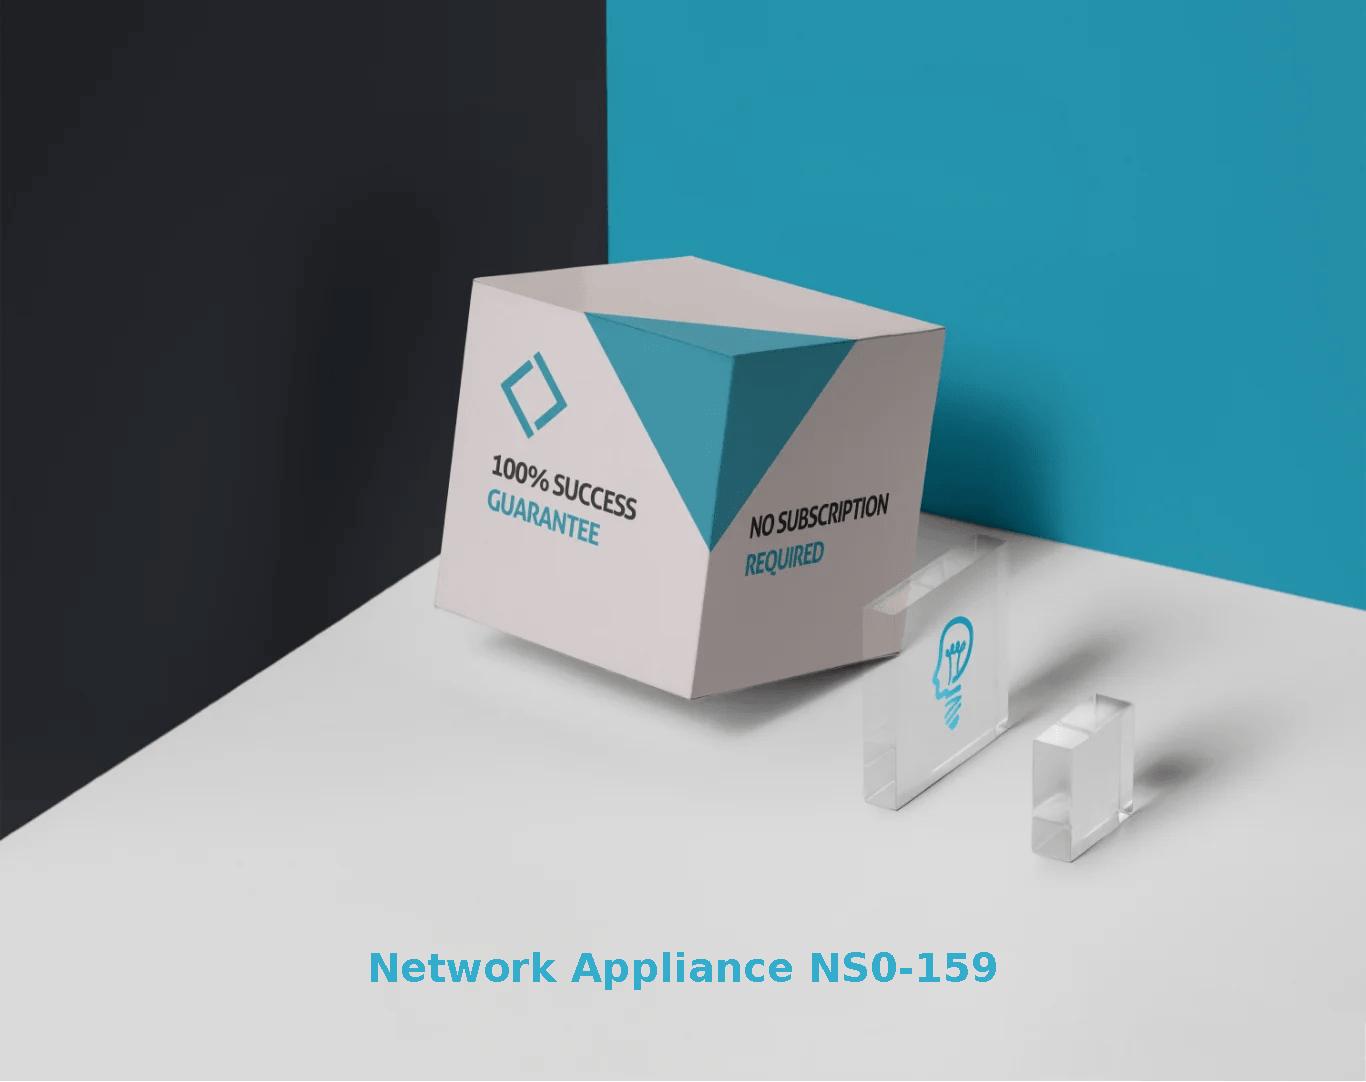 NS0-159 Dumps